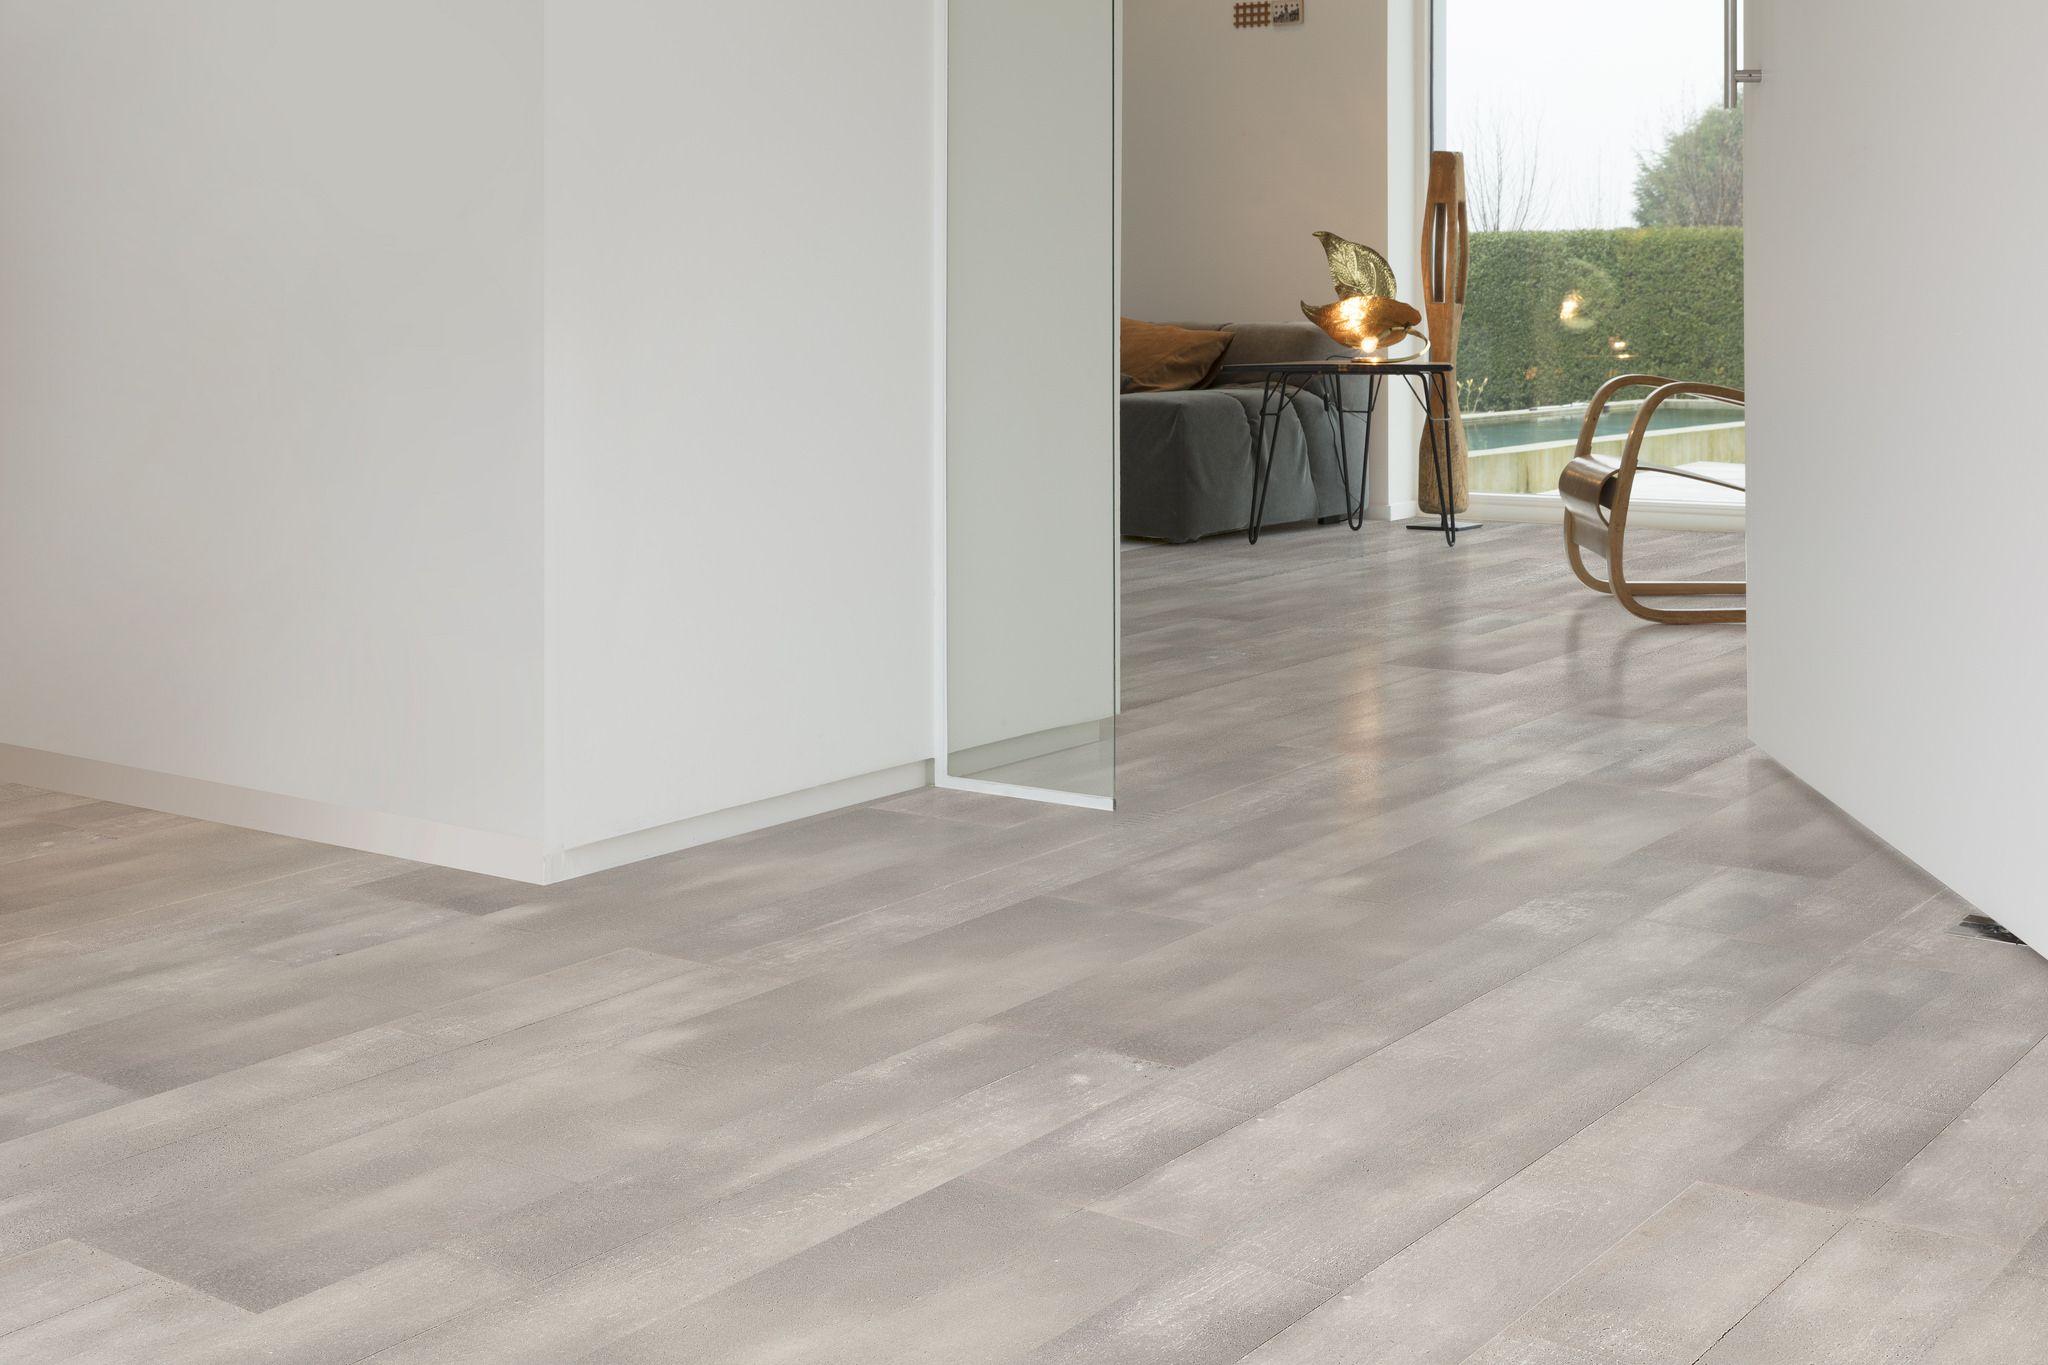 Interieur Combineren Kurk : Kurk met het unieke elan van een betonvloer kurk beton vloer